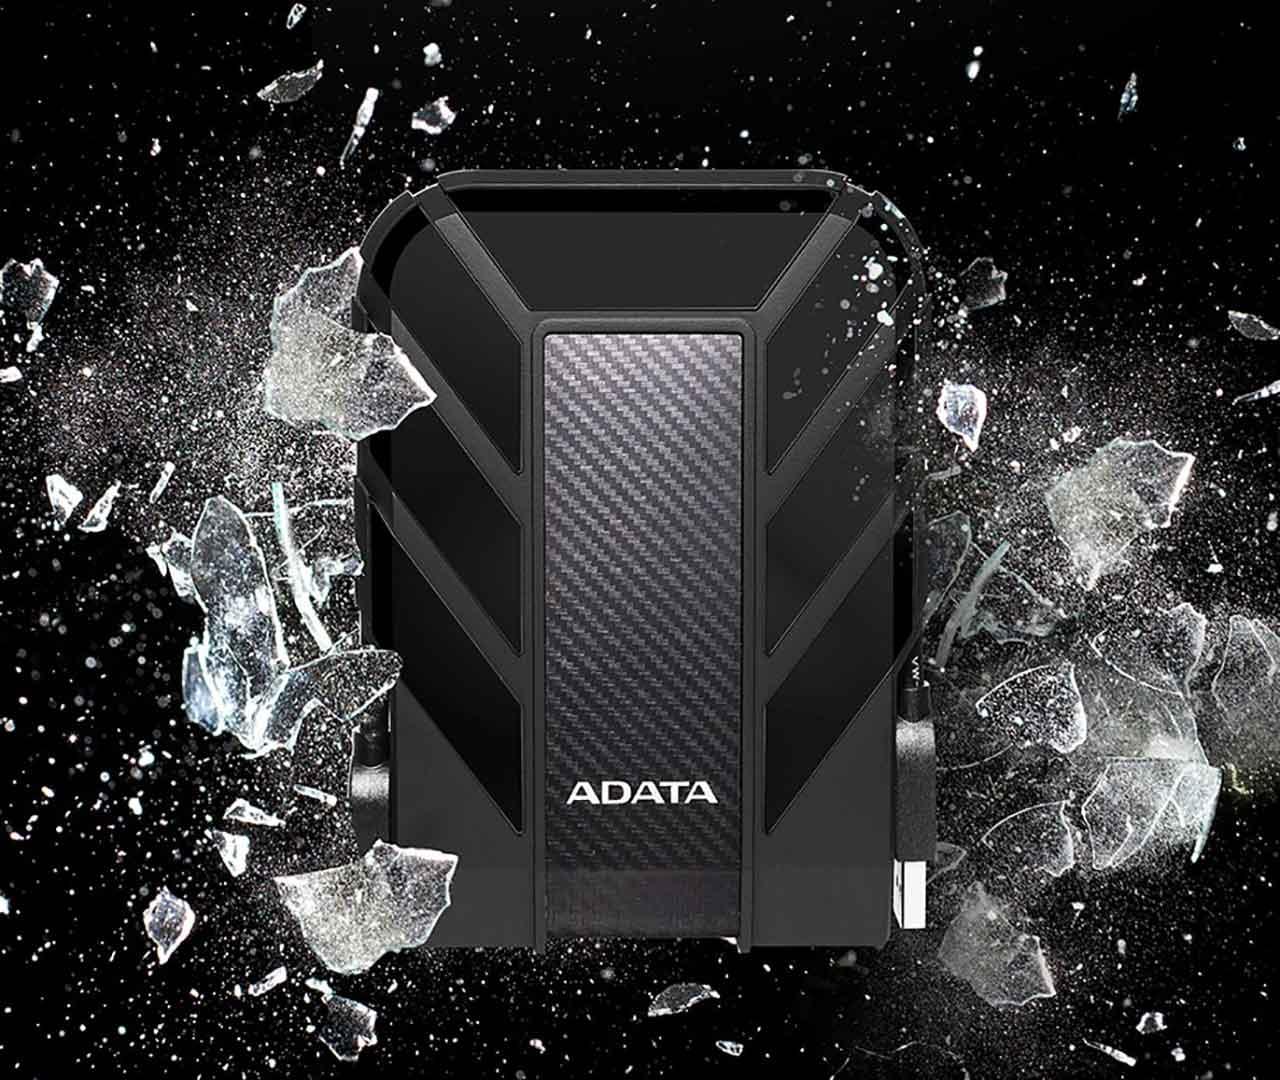 ADATA 1TB External Hard Drive (HDD) HD710 PRO